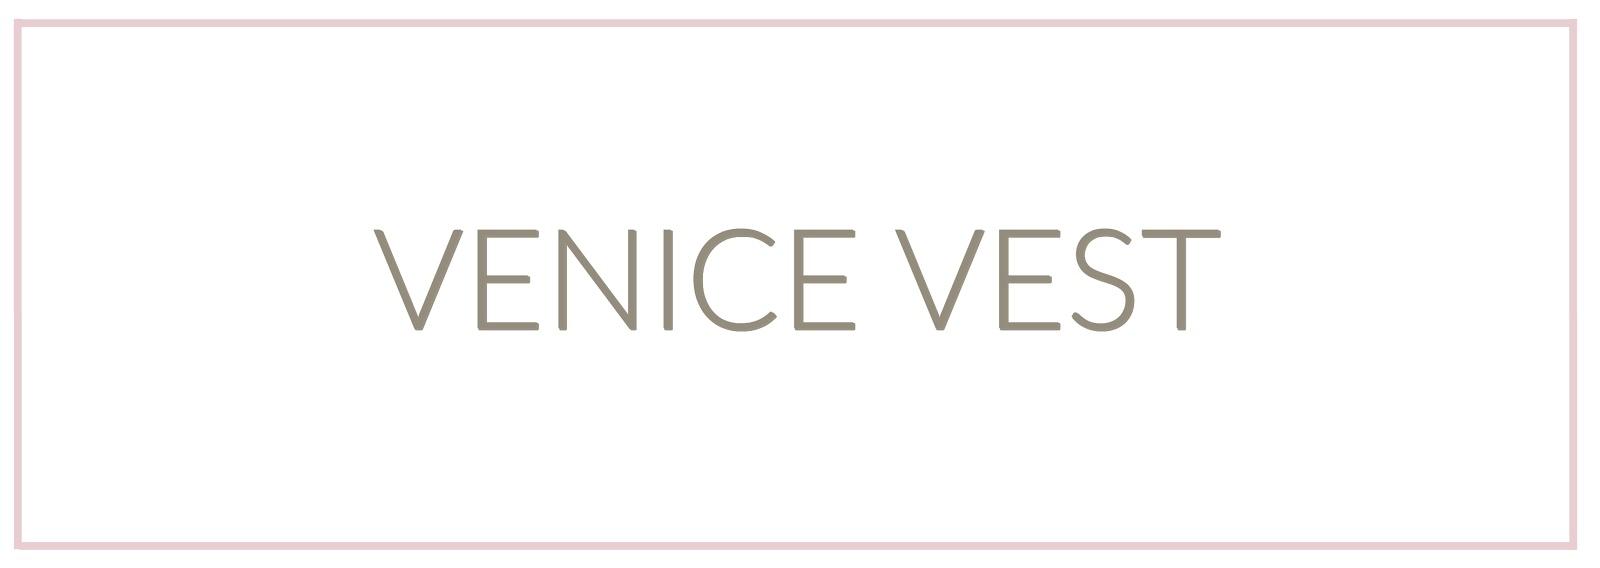 https://2.bp.blogspot.com/-QnAc2WxKXaw/WWt16tOhXaI/AAAAAAAAL0I/UBwEMLSFwfsvrbXNKk7fDE0OHAltMUKLgCLcBGAs/s1600/Venice%2BVest-3.jpg